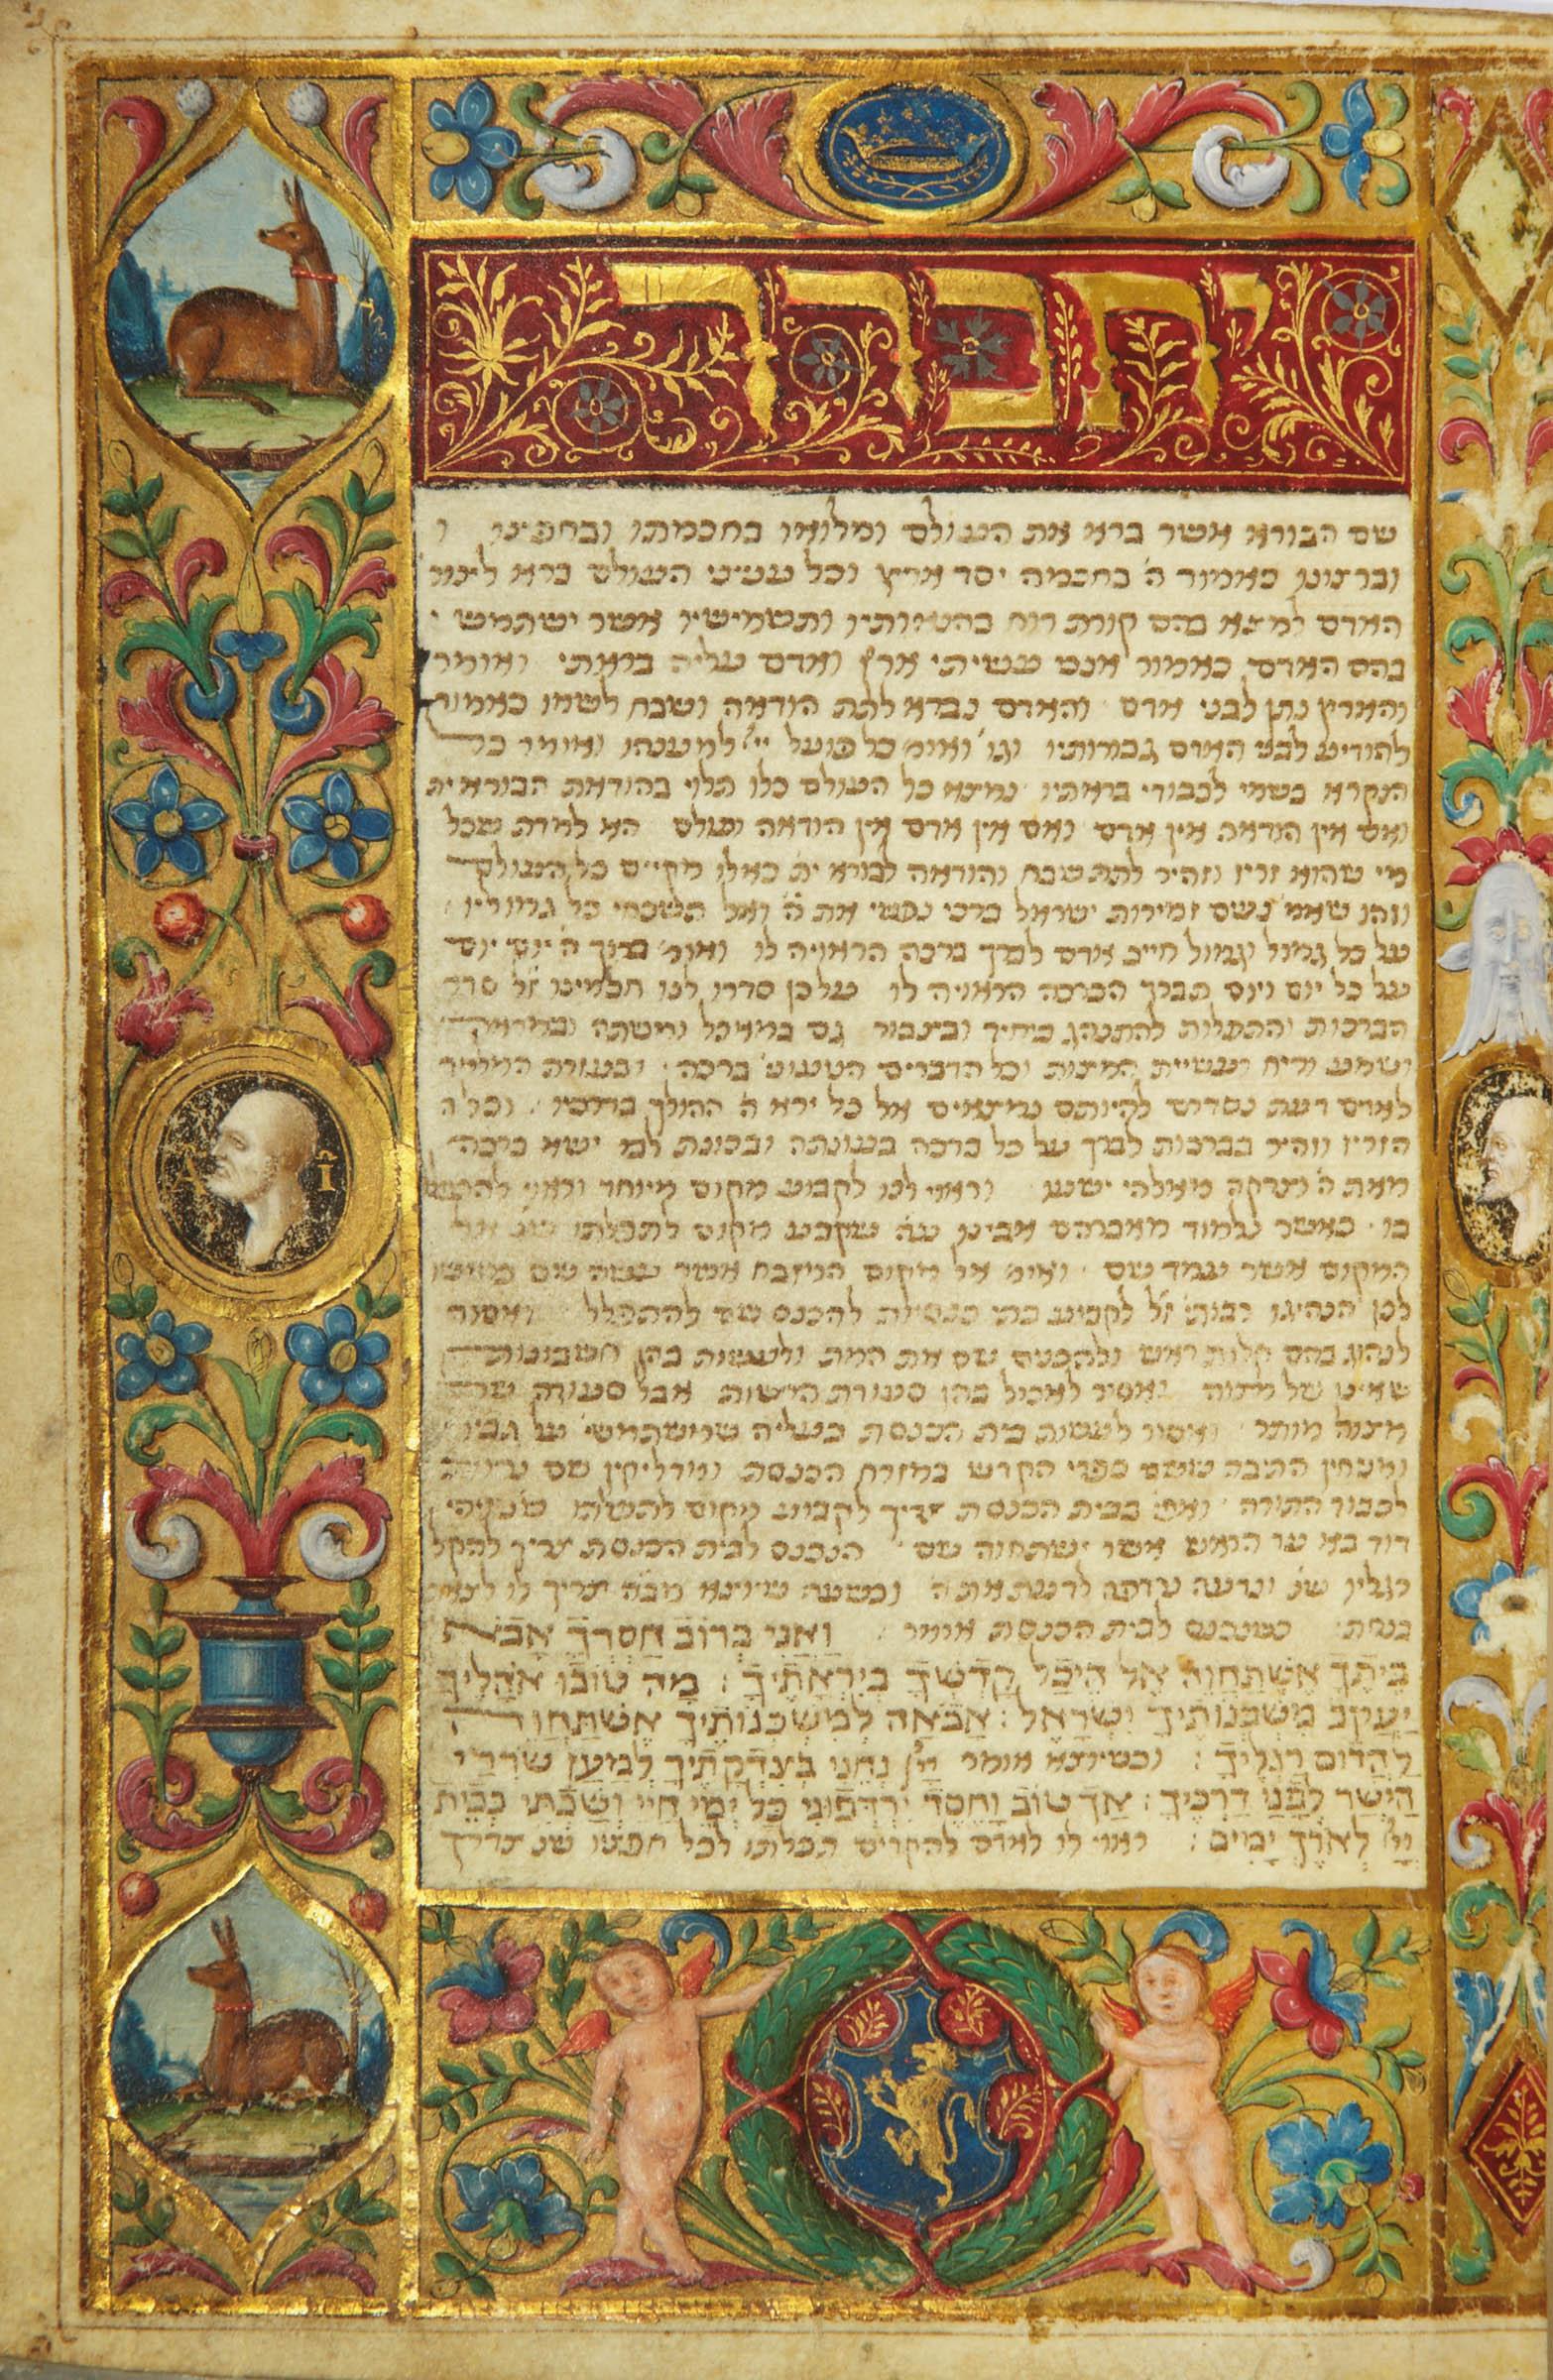 MAHZOR, livre contenant les prières pour les fêtes de l'année liturgique, en hébreu, manuscrit enluminé sur vélin.